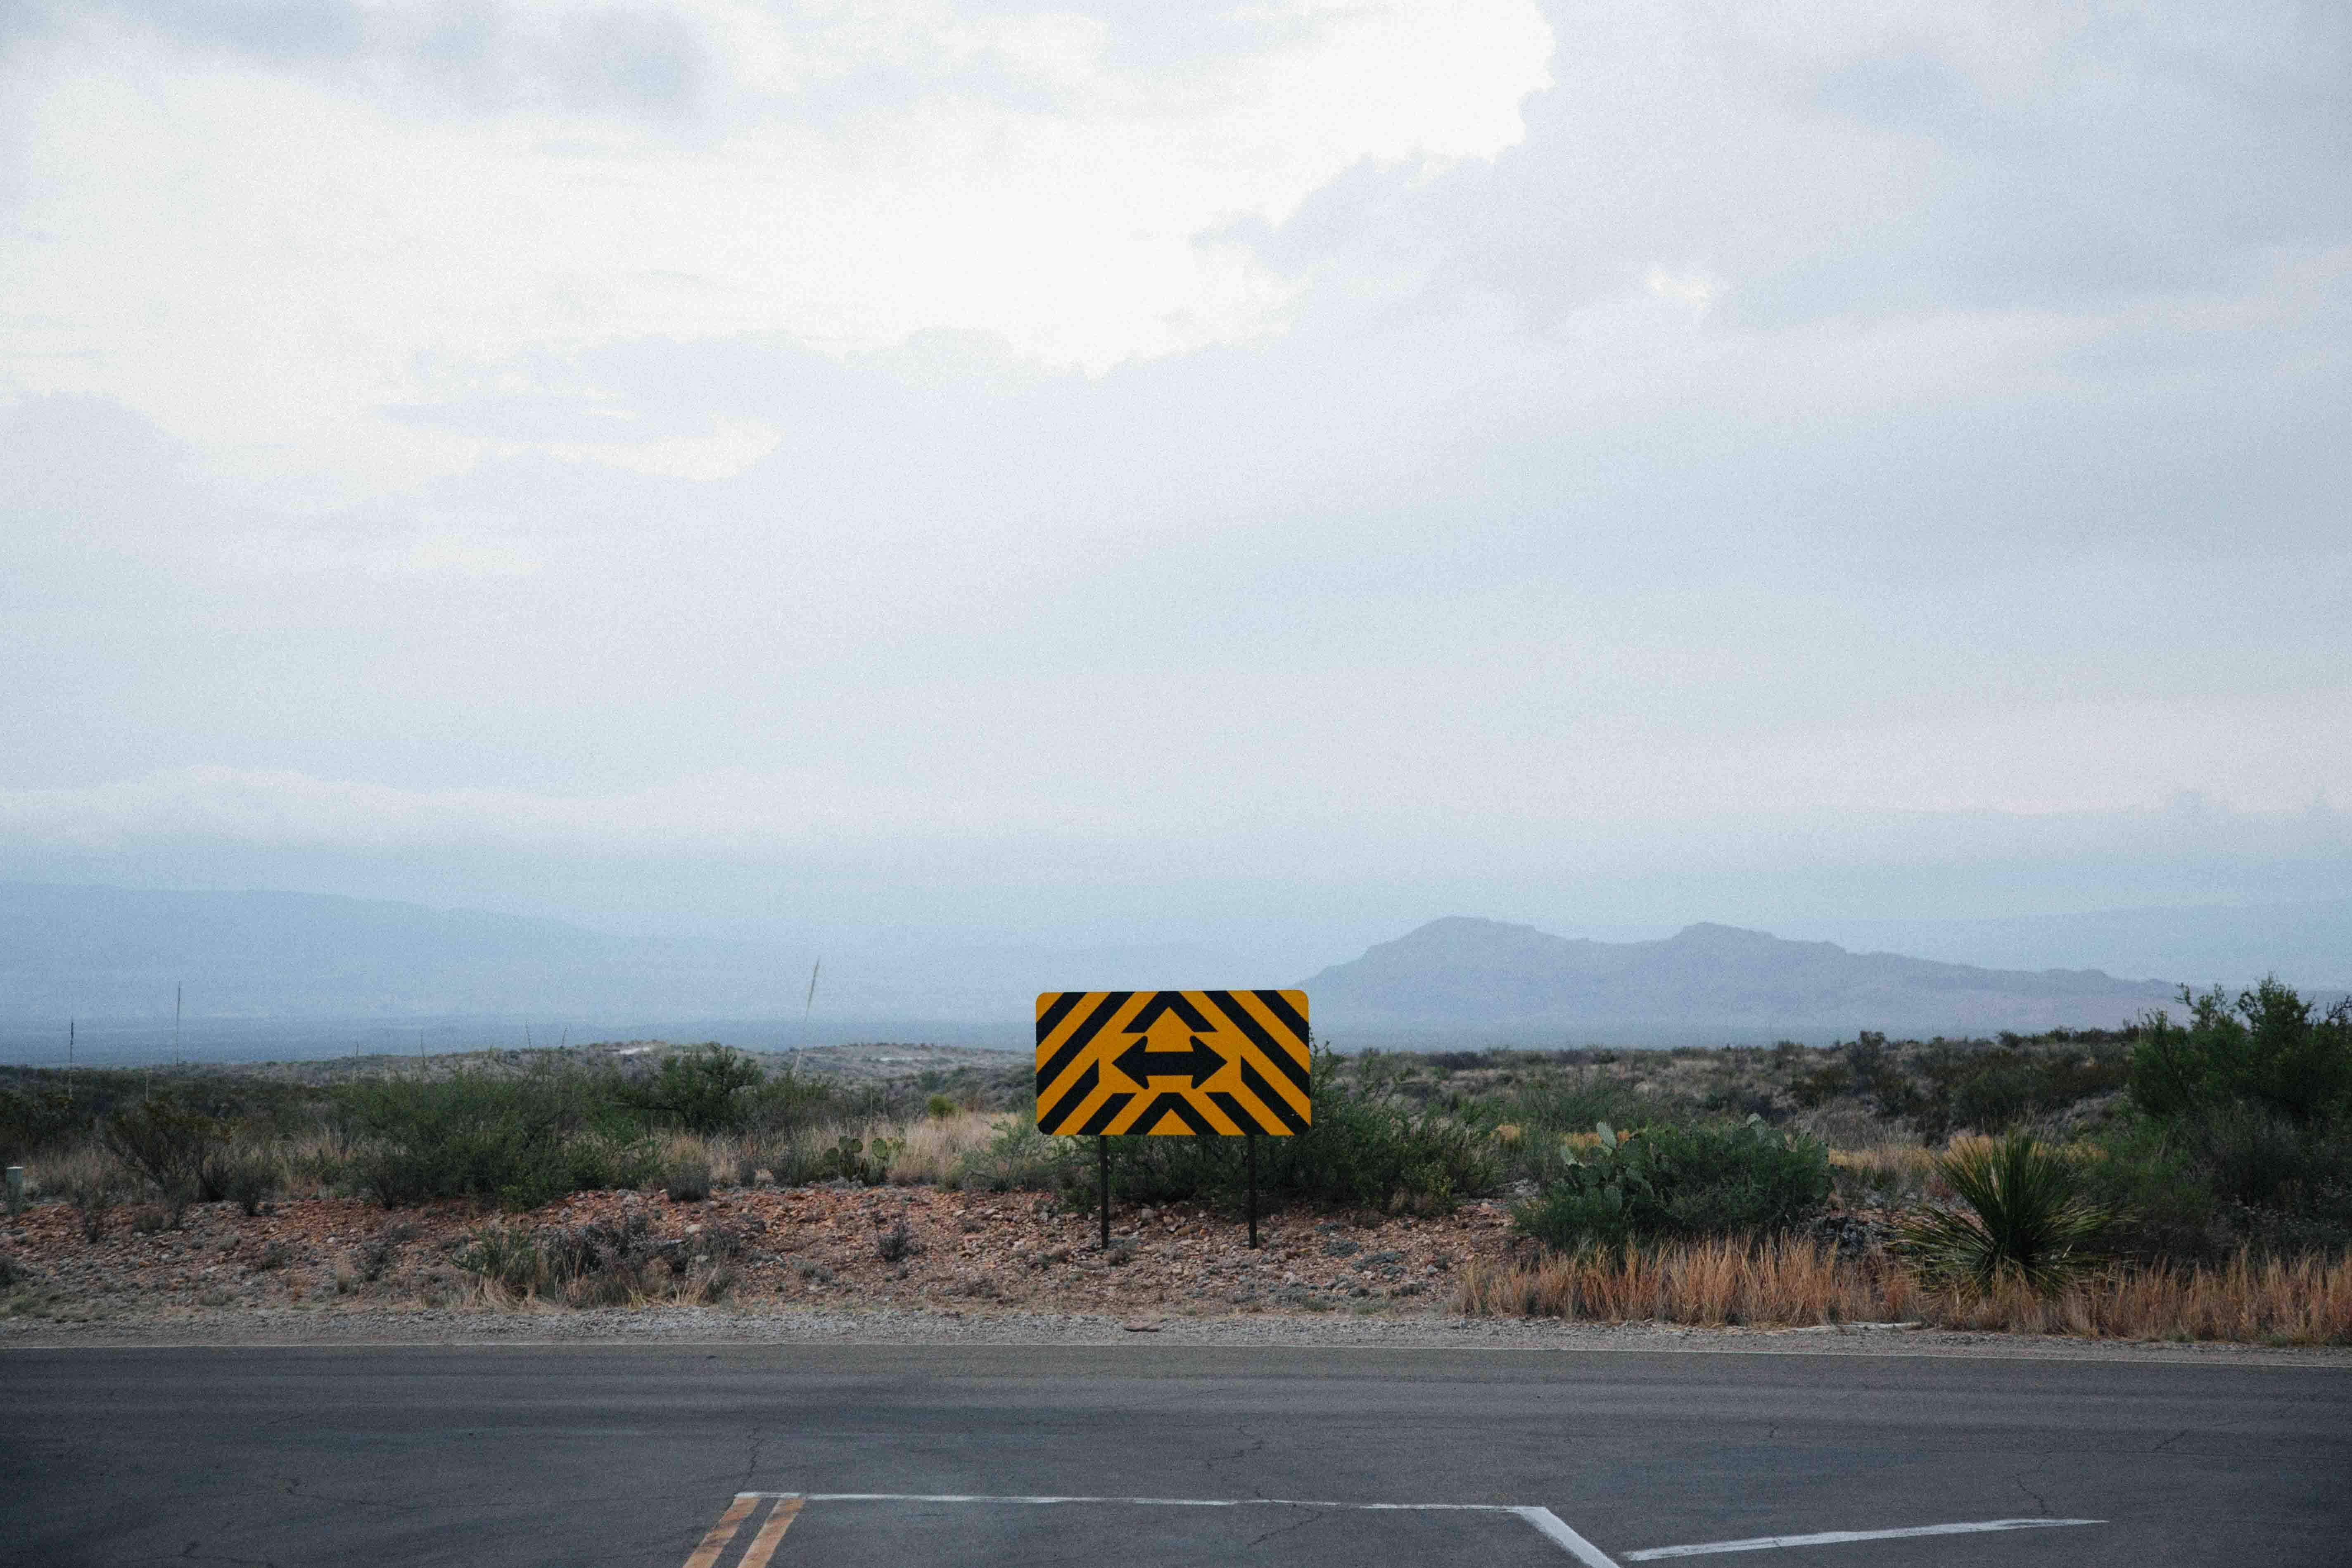 Estrada com uma placa sinalizando duas direções opostas